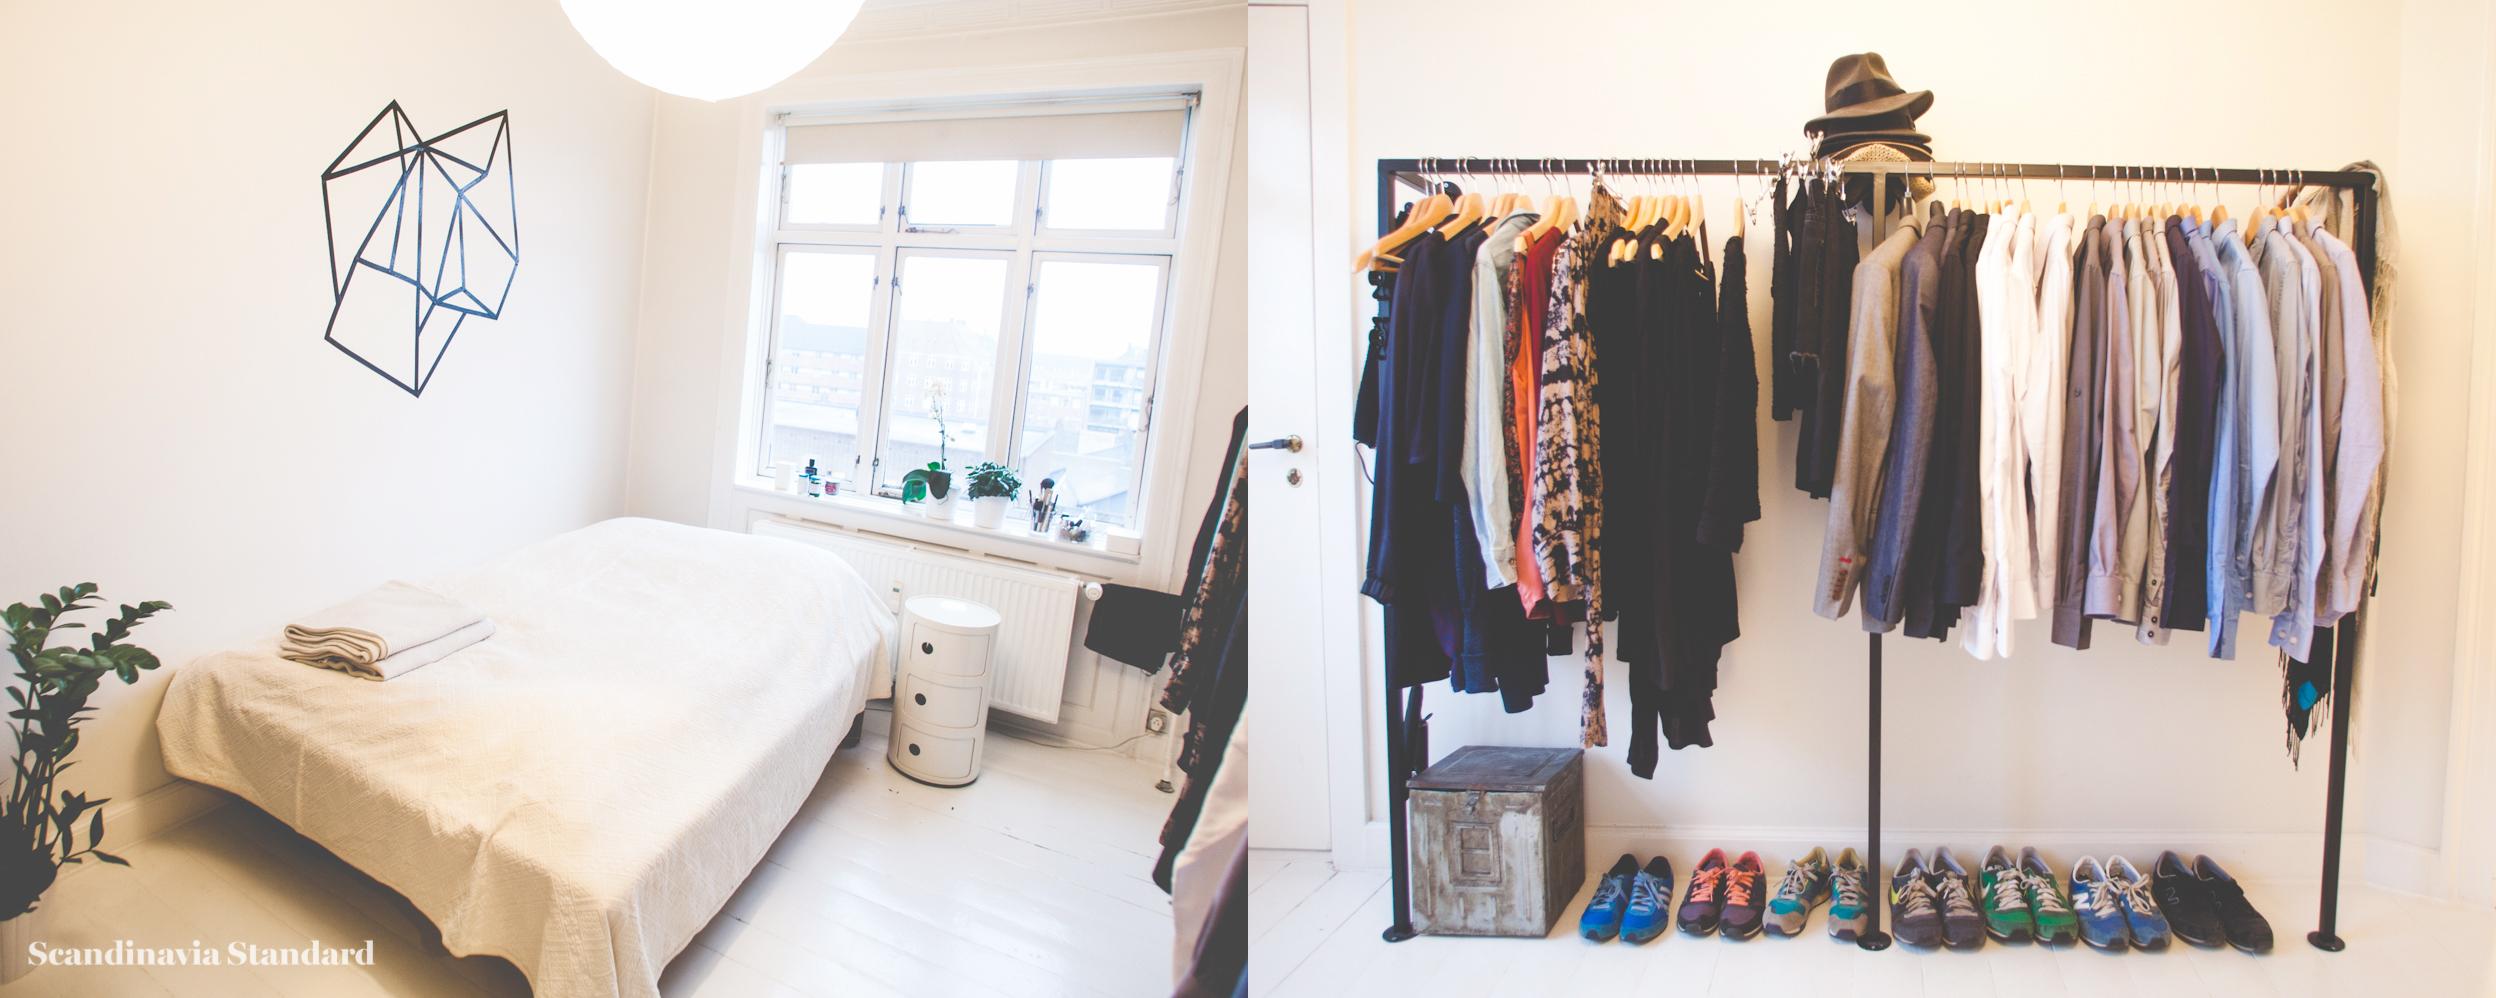 Scandinavia Standard I LOVE MY TYPE Bedroom Bed & Wardrobe